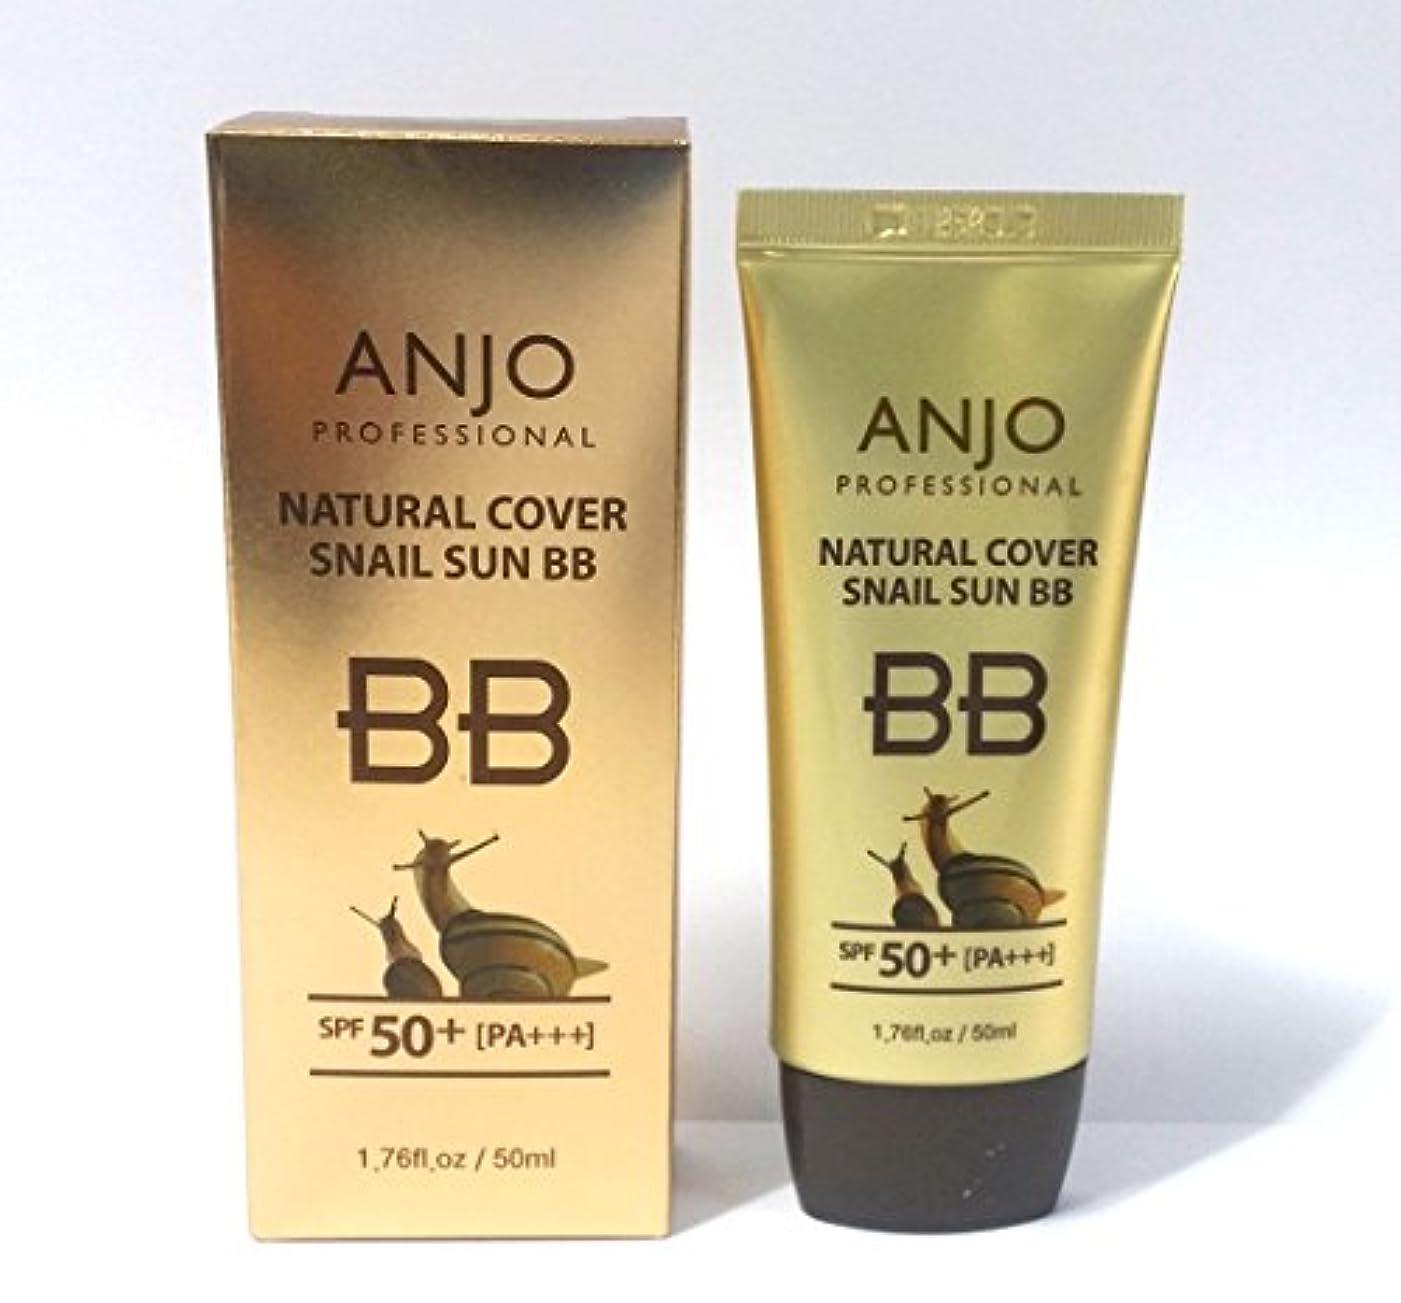 しかしながら高い過去[ANJO] ナチュラルカバーカタツムリサンBBクリームSPF 50 + PA +++ 50ml X 6EA /メイクアップベース/カタツムリ粘液 / Natural Cover Snail Sun BB Cream SPF...